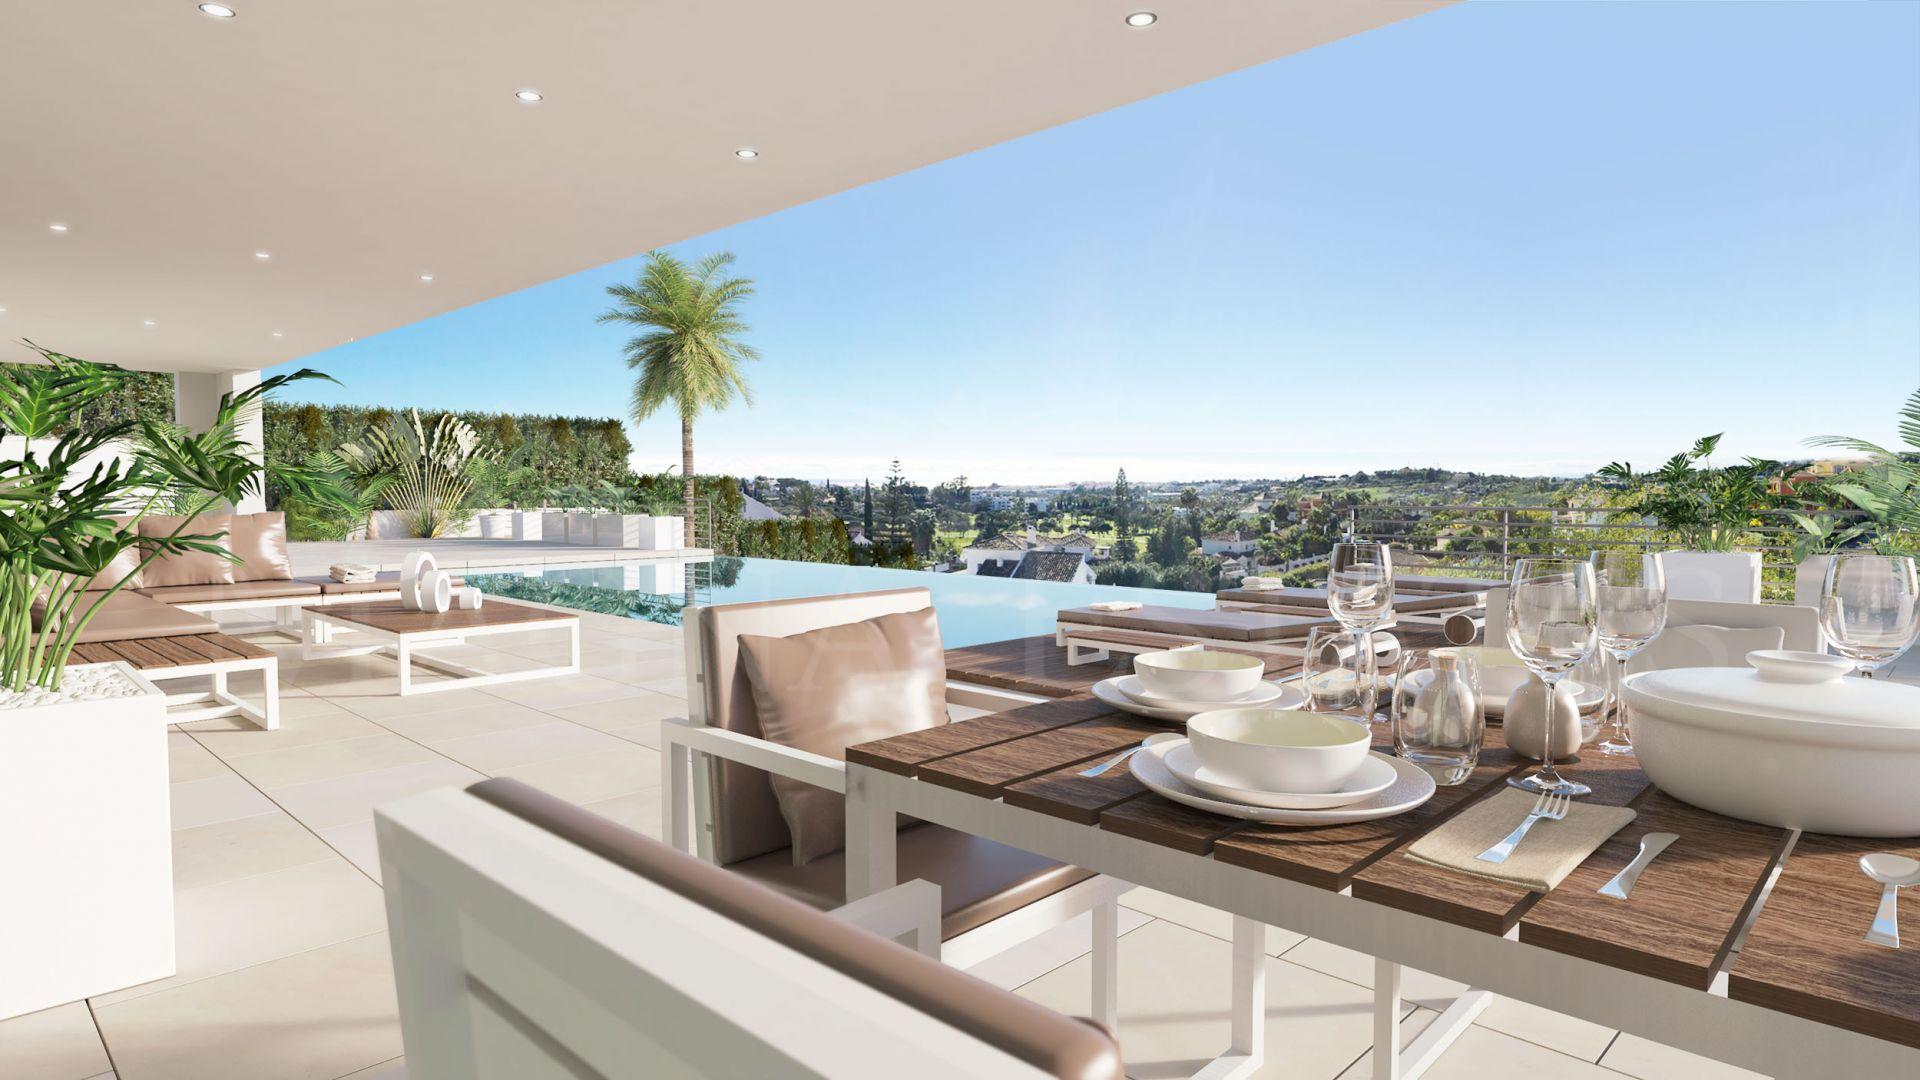 Luxury villa contemporary design in the Valle del Golf